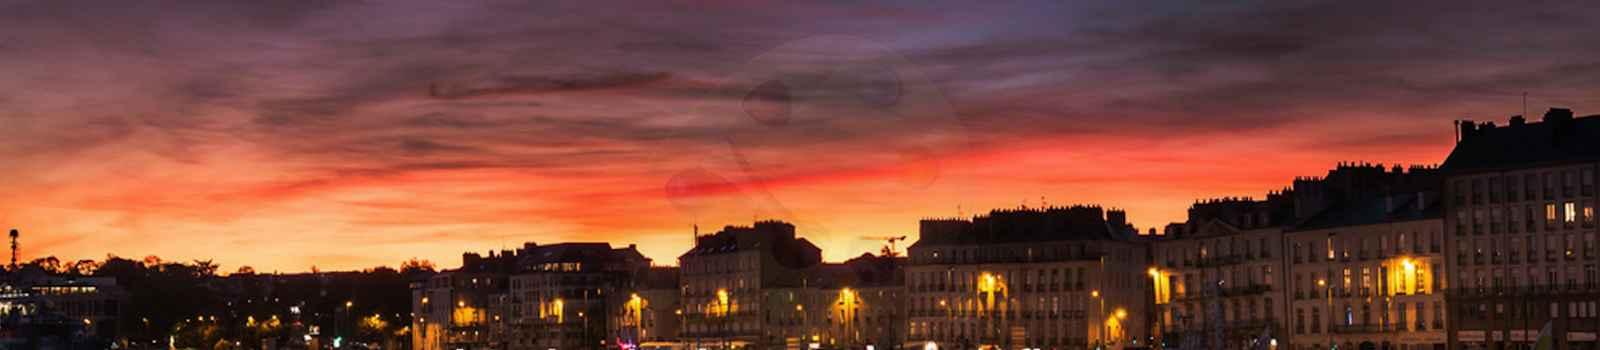 Dépannage serrurier sur Nantes